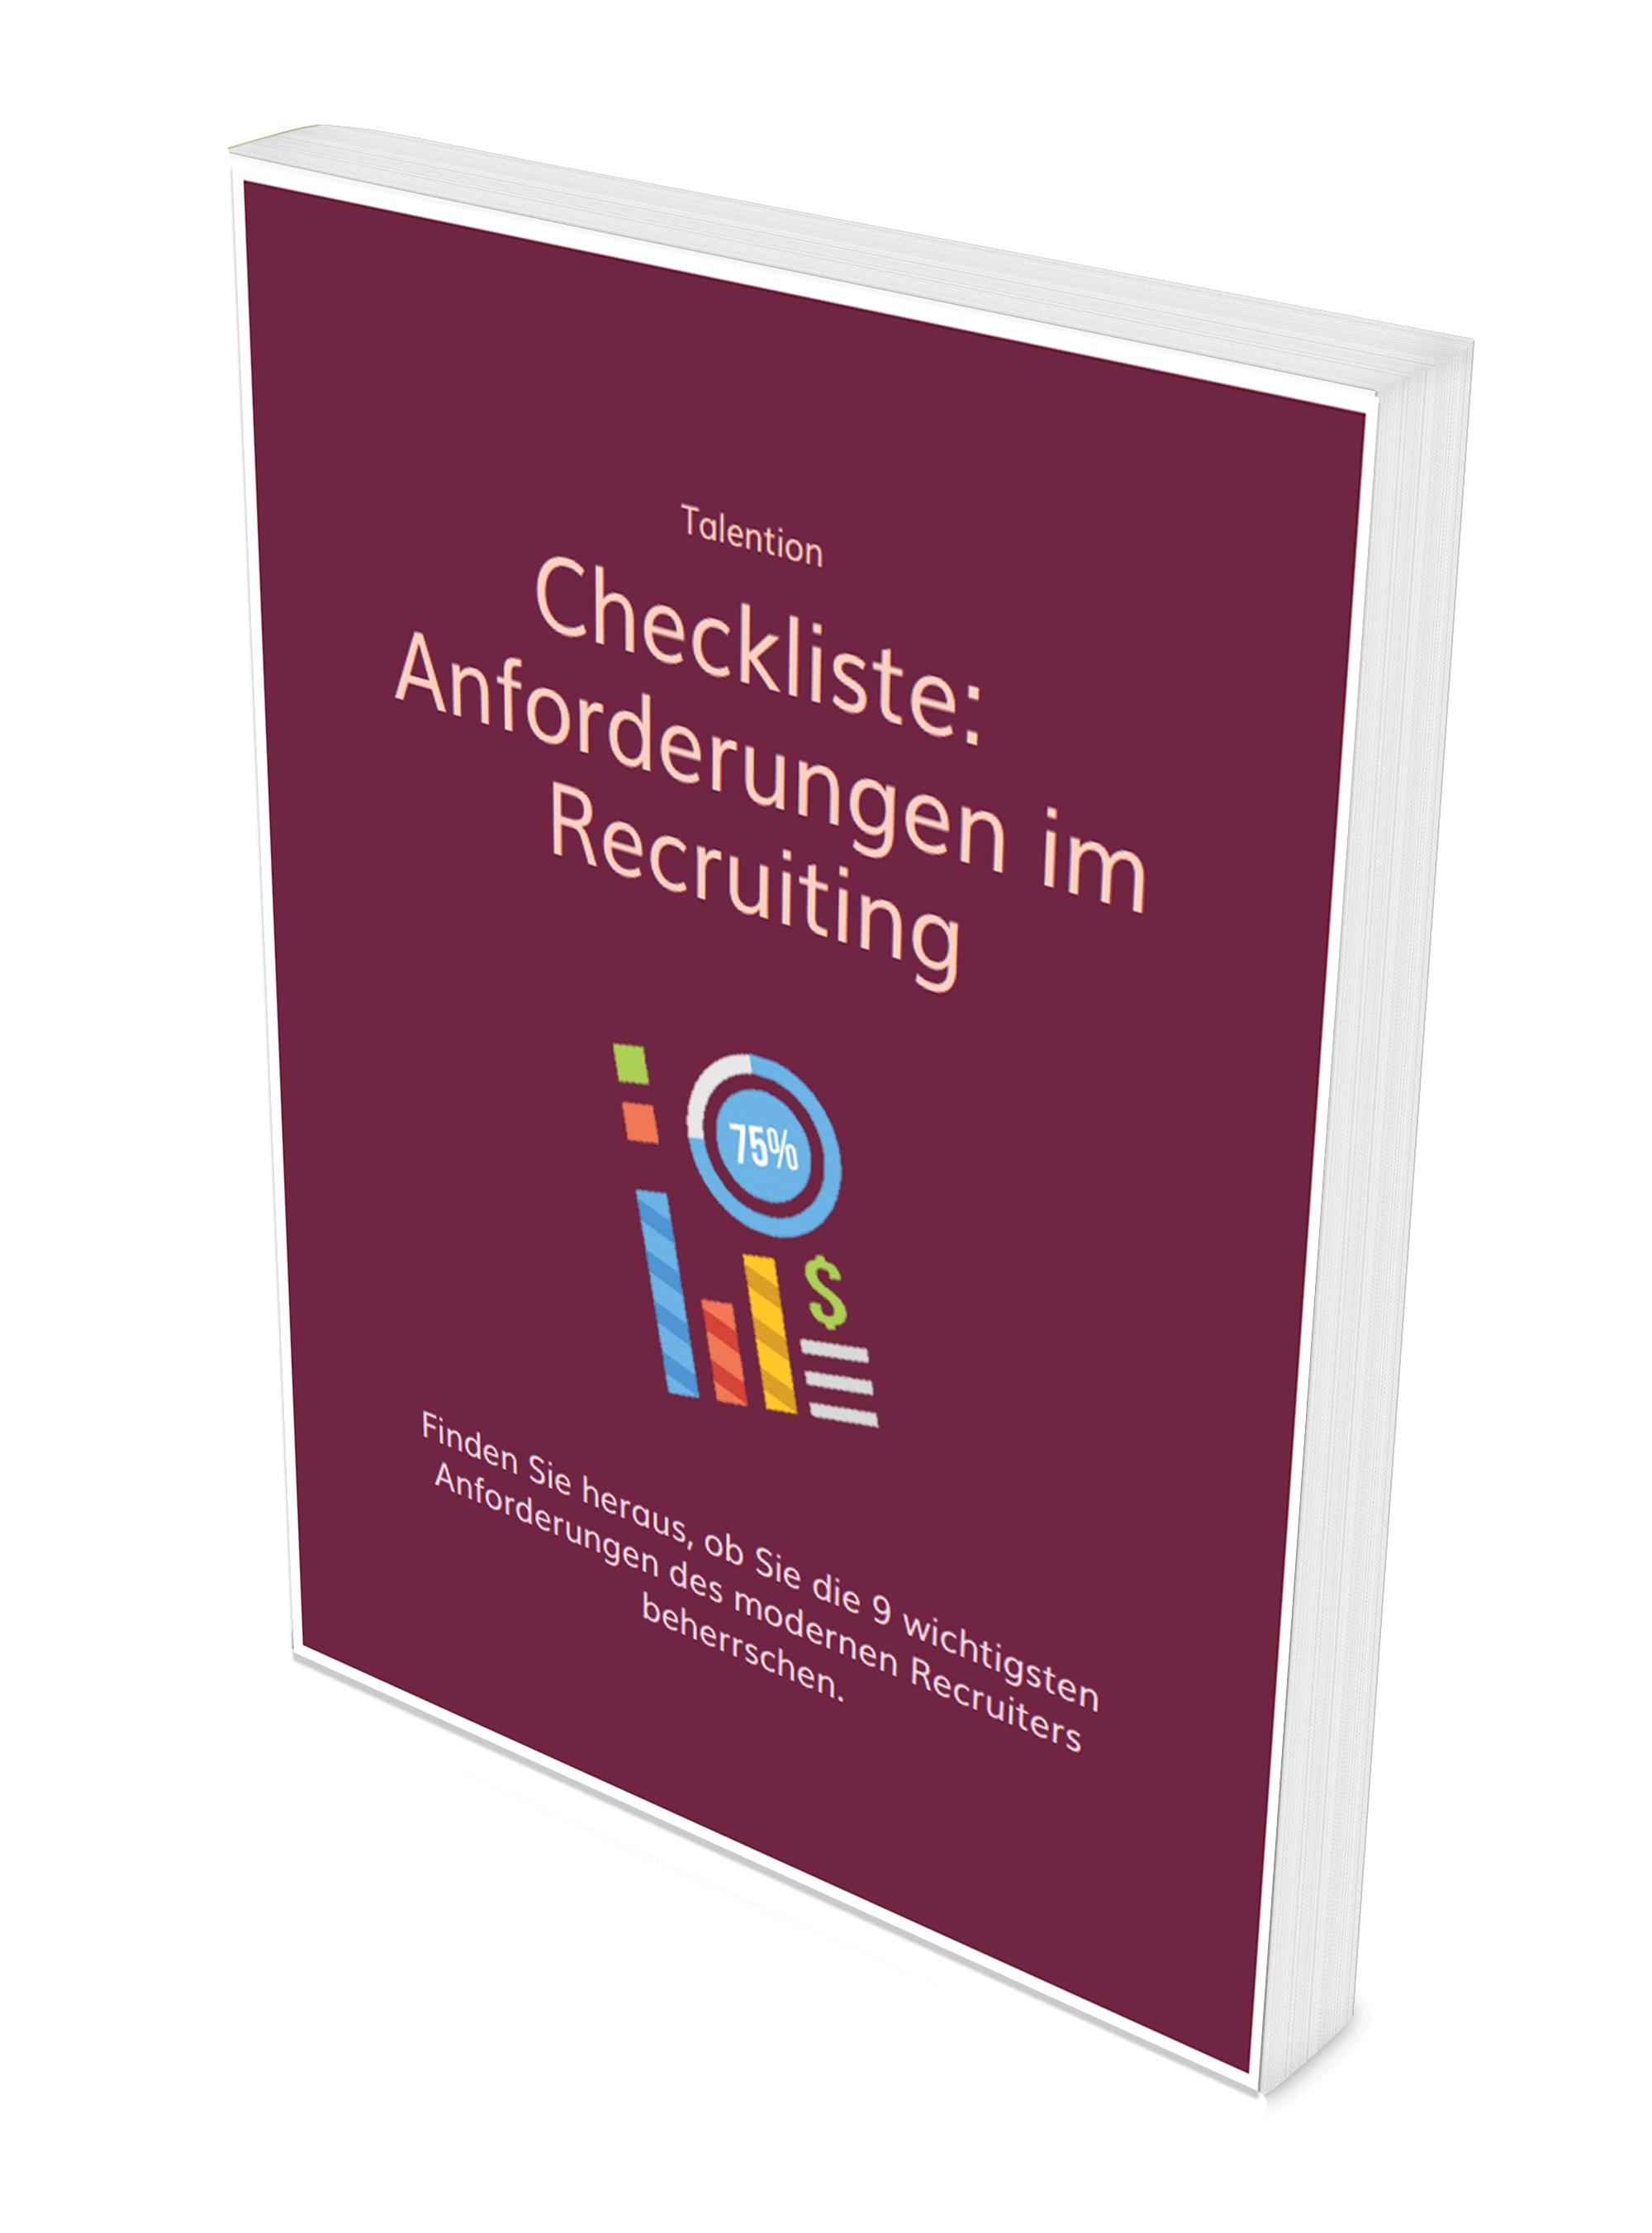 Anforderungen im Recruiting